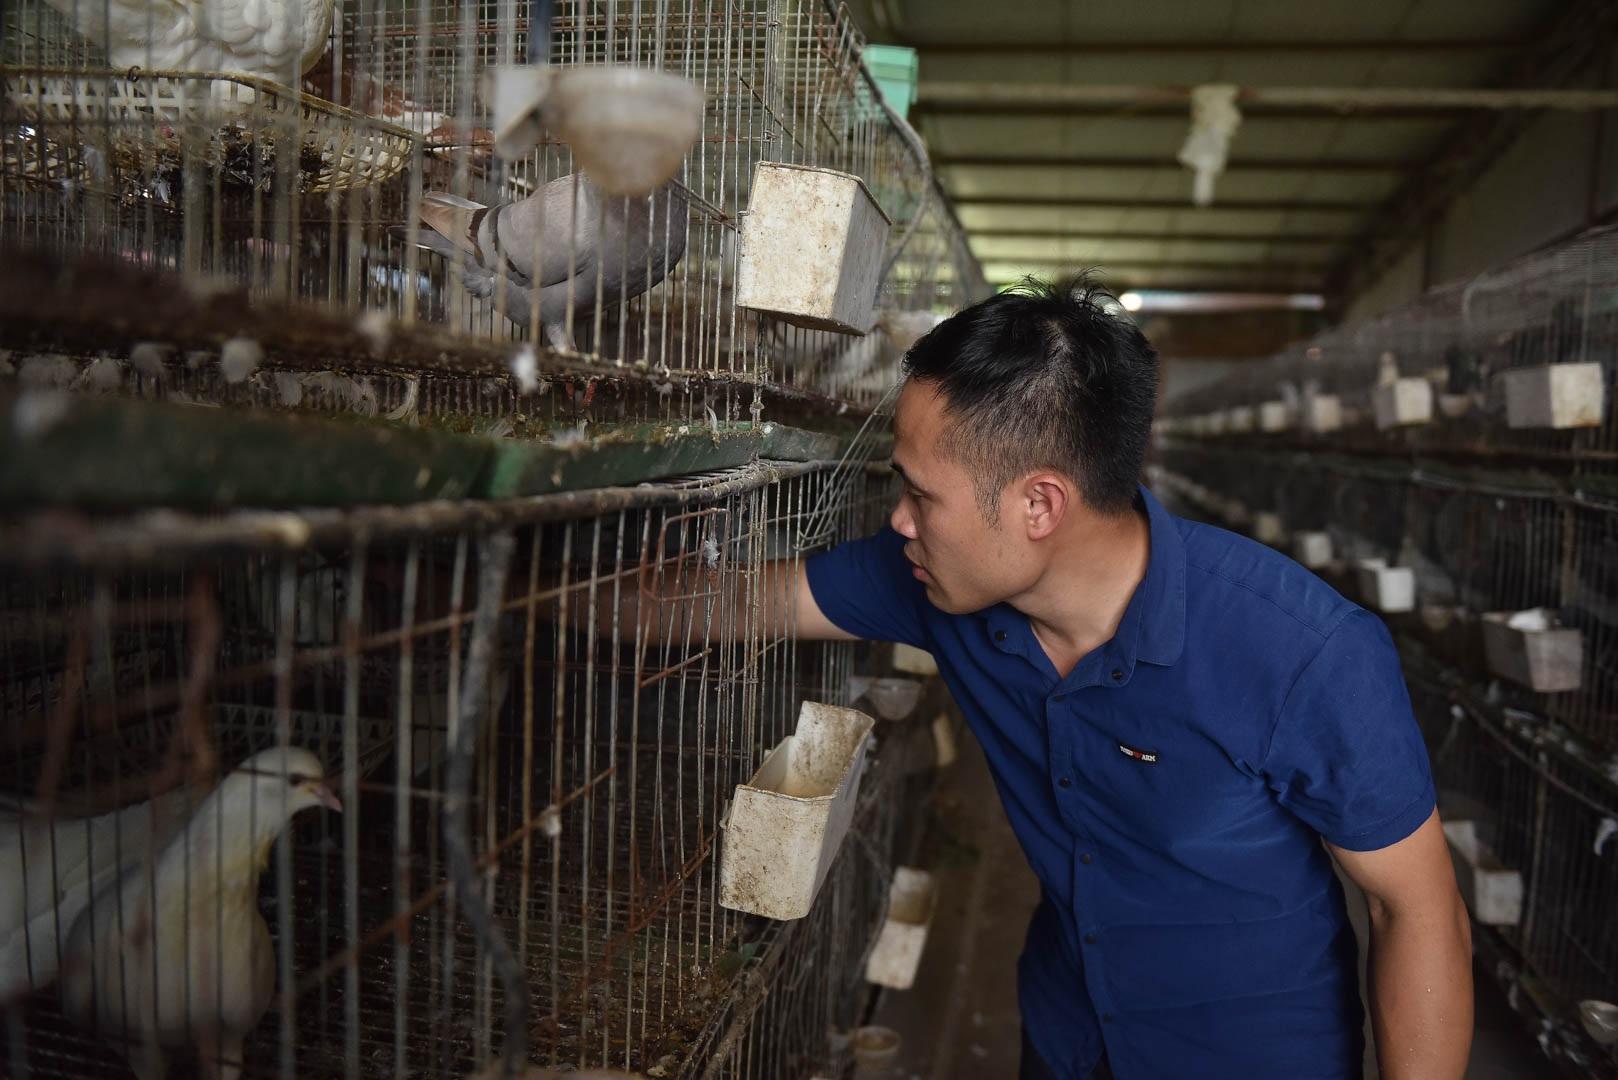 Bỏ nghề lập trình viên về làm nông dân nuôi chim thu 3 tỷ đồng/năm - 7